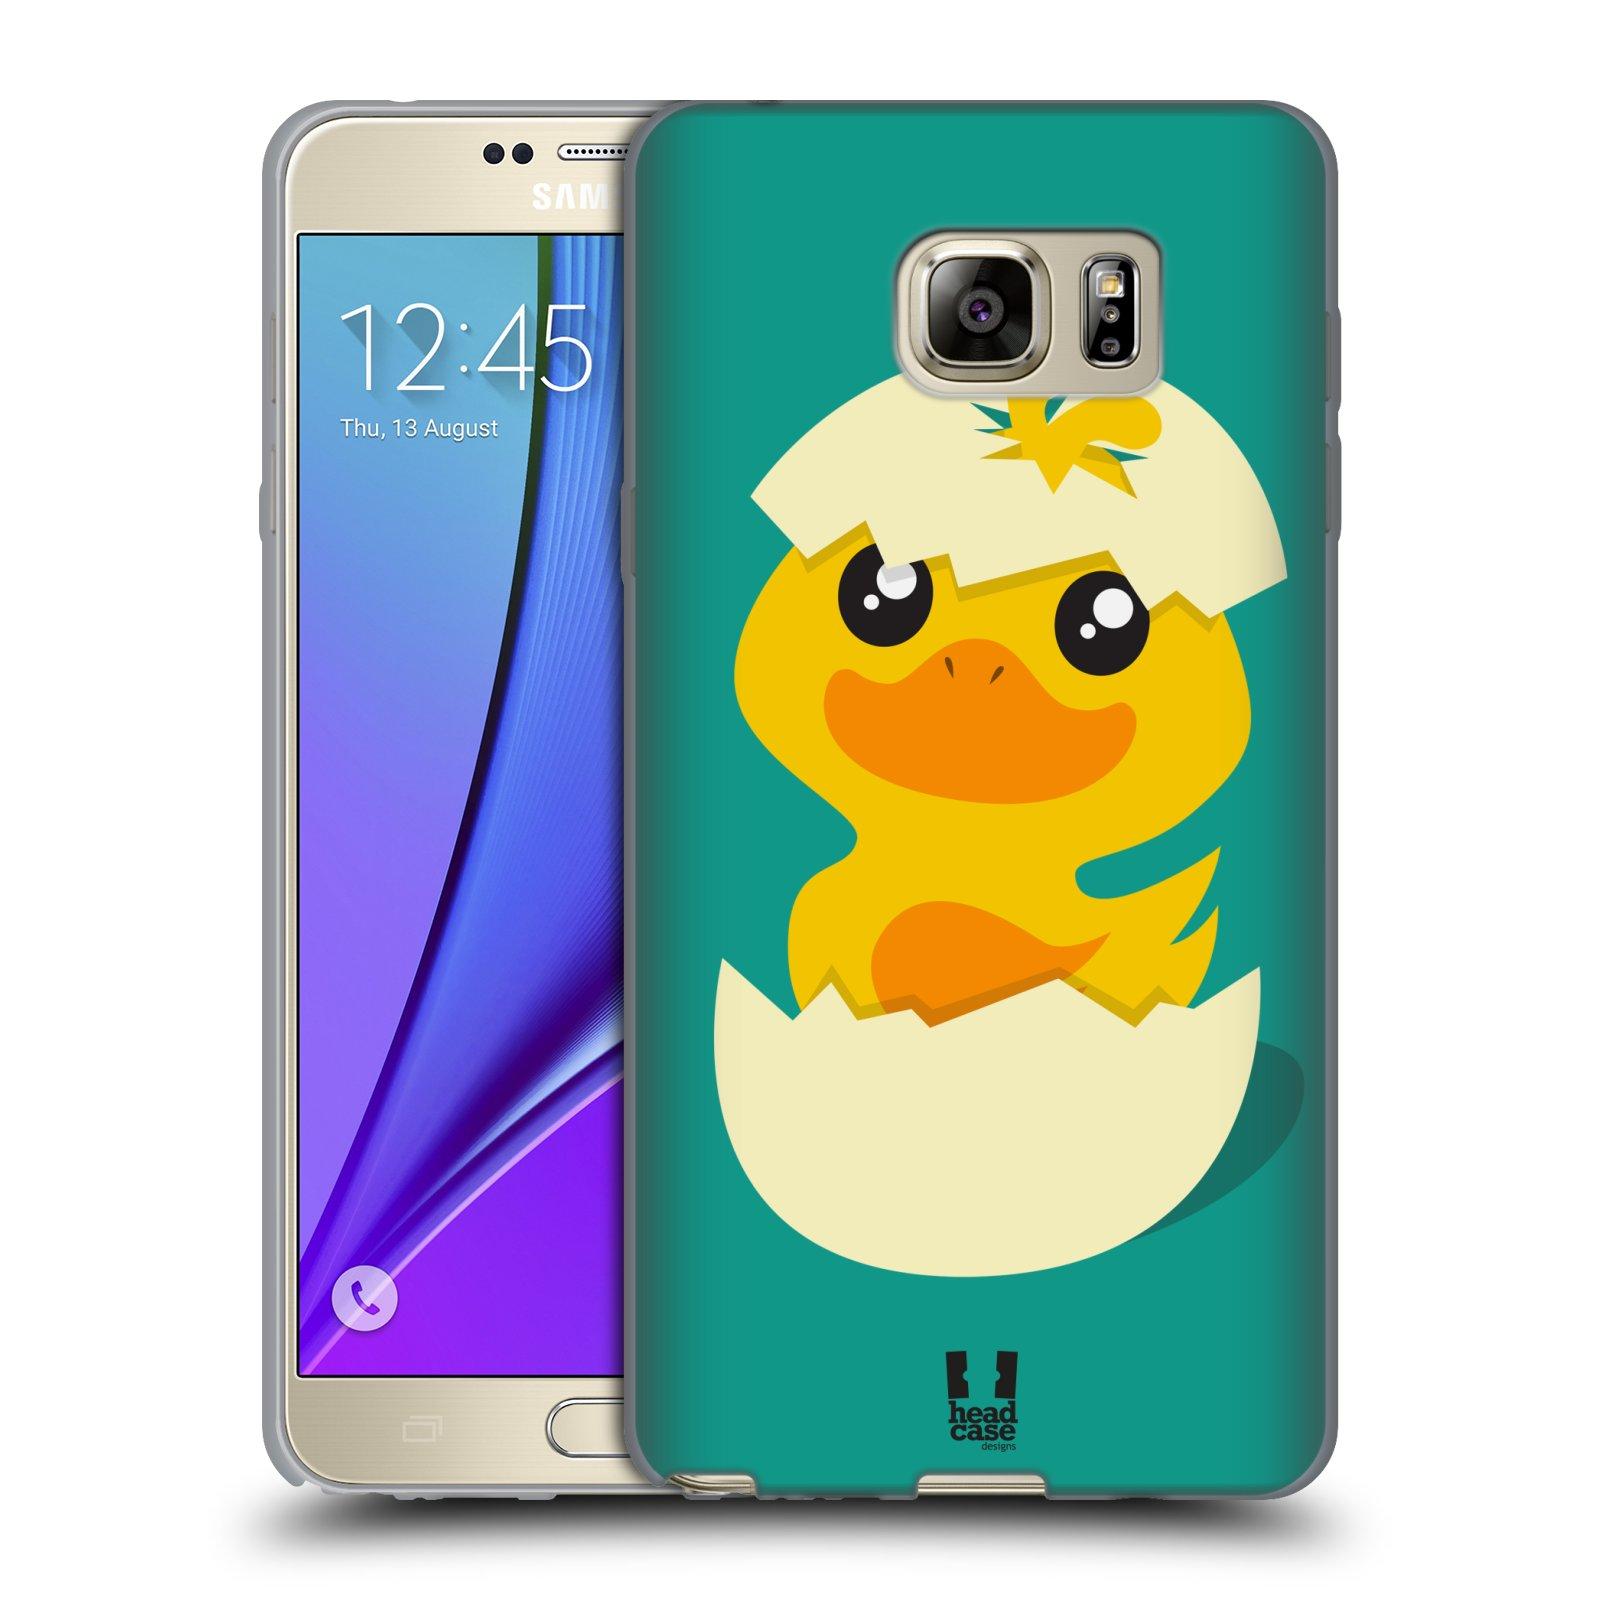 Silikonové pouzdro na mobil Samsung Galaxy Note 5 HEAD CASE KACHNIČKA Z VAJÍČKA (Silikonový kryt či obal na mobilní telefon Samsung Galaxy Note 5 SM-N920)